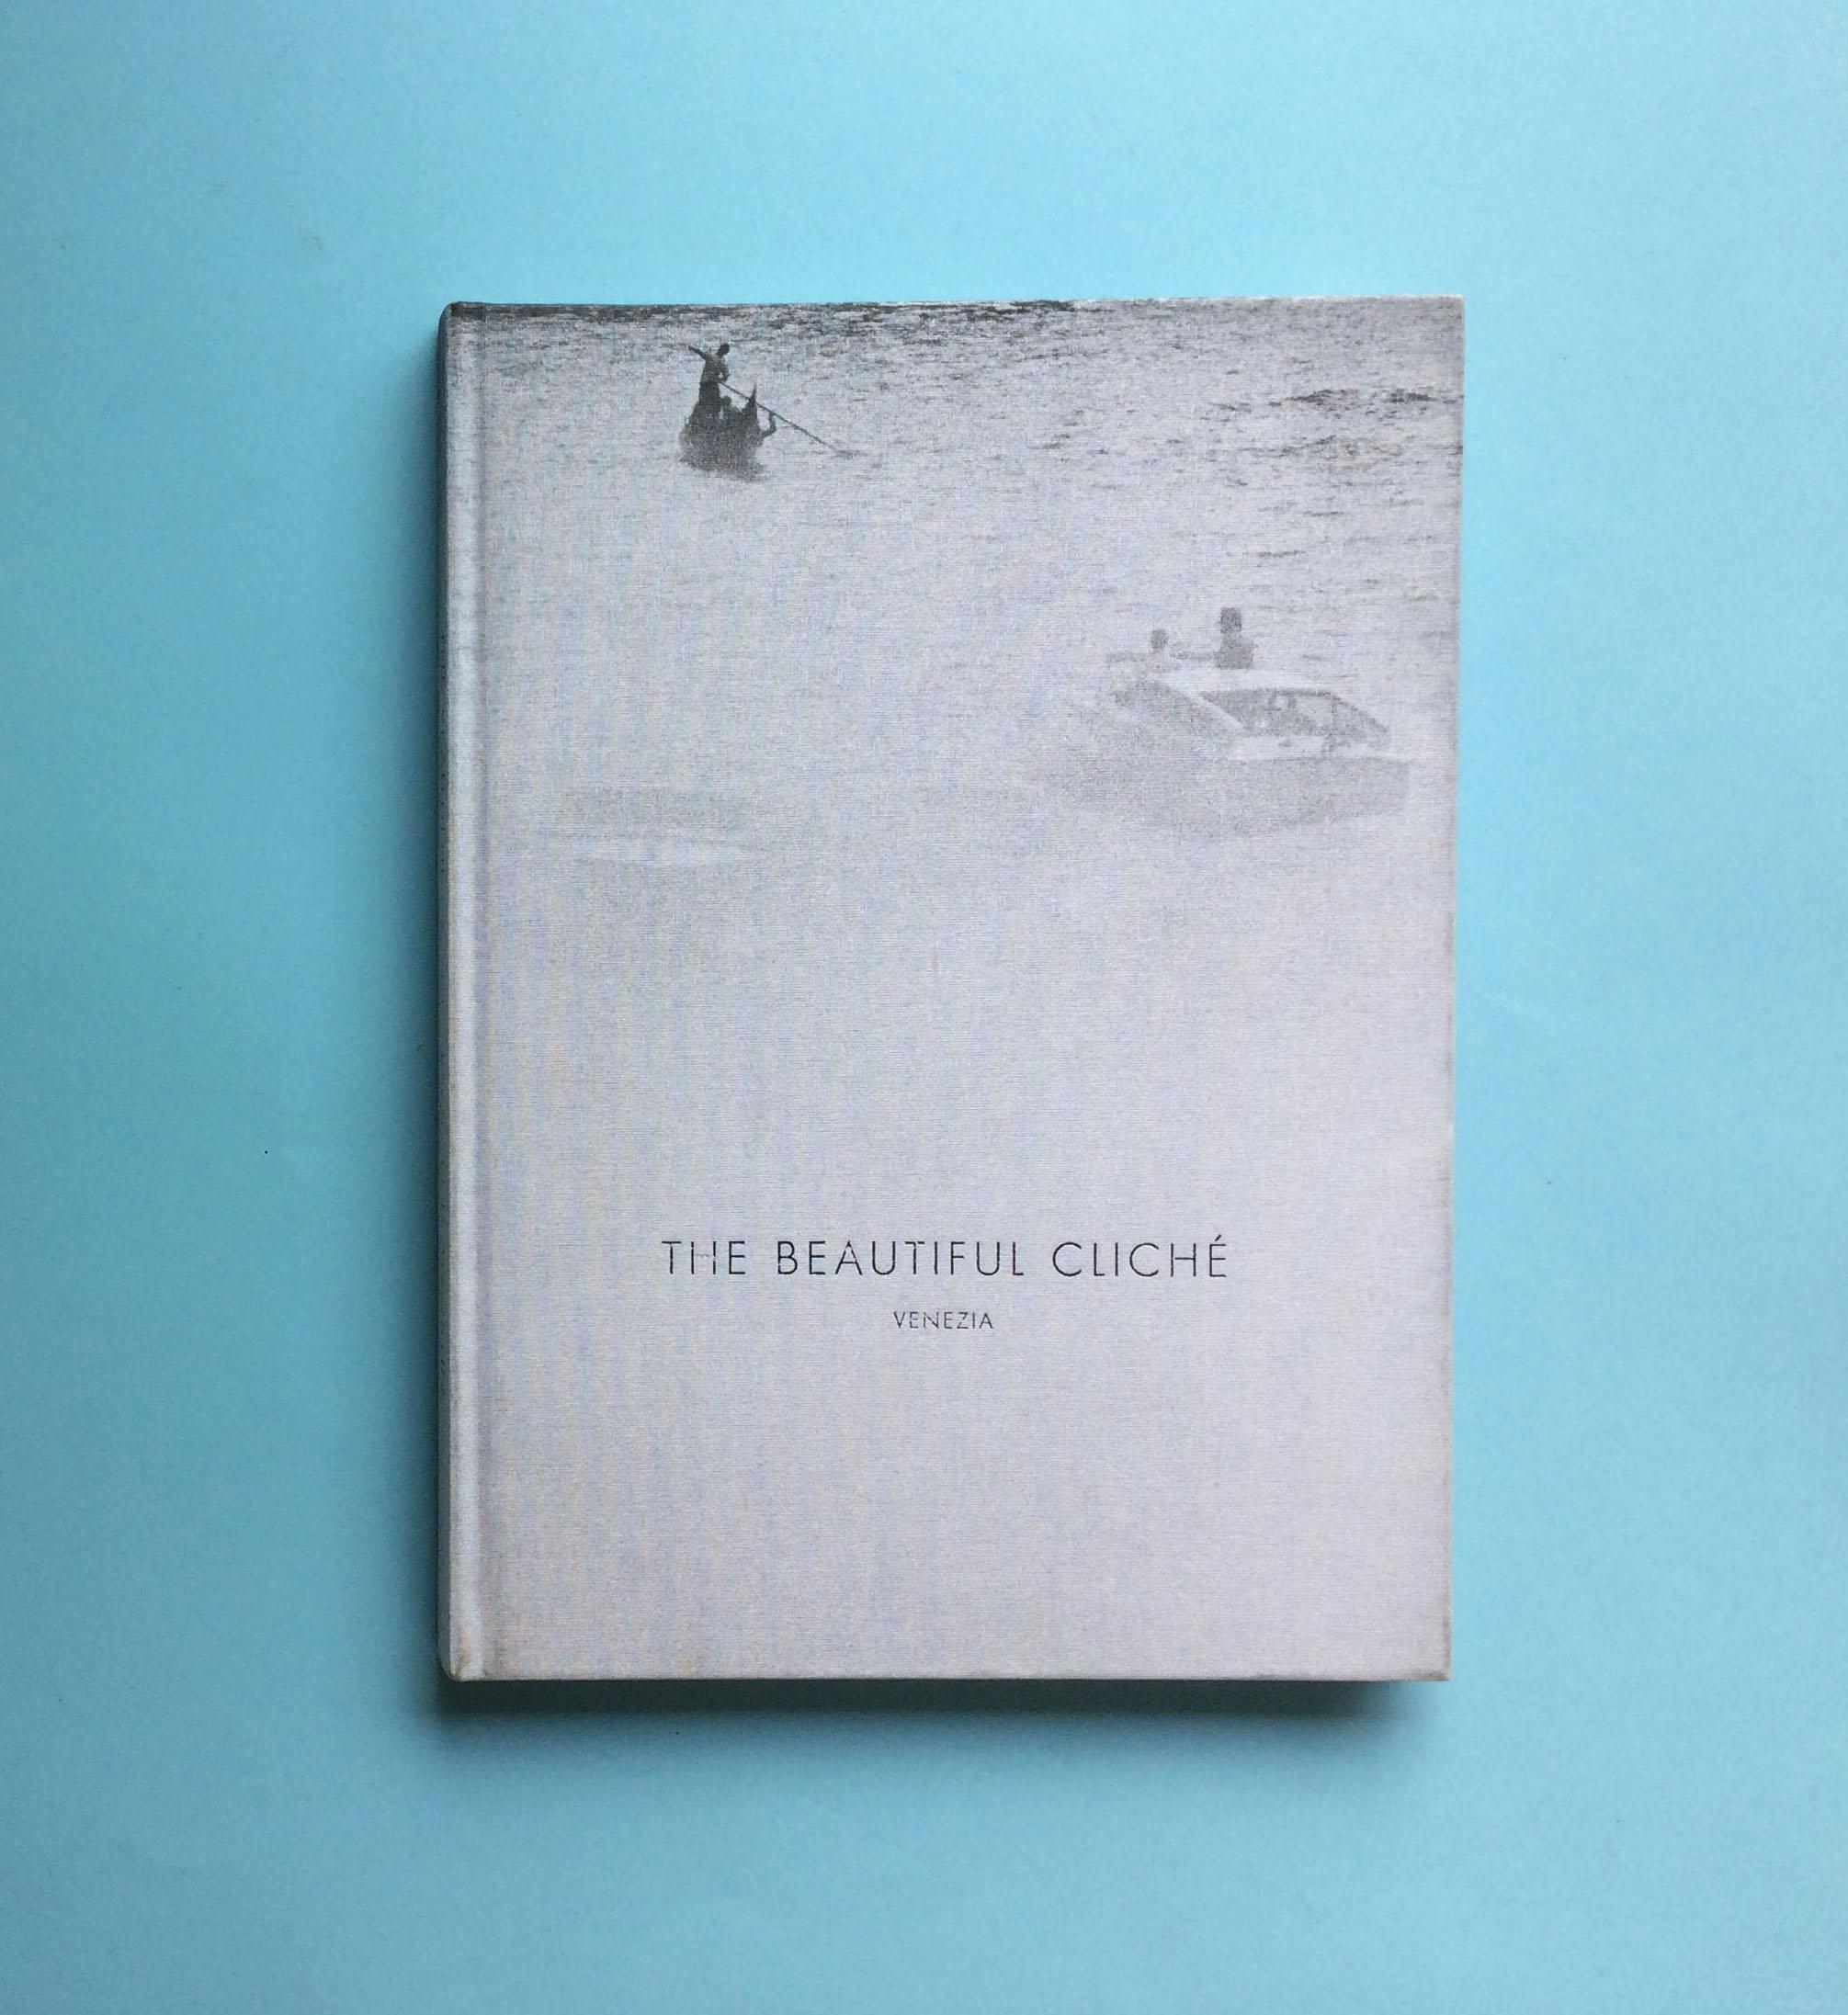 THE BEAUTIFUL CLICHE' / RENATO D'AGOSTIN